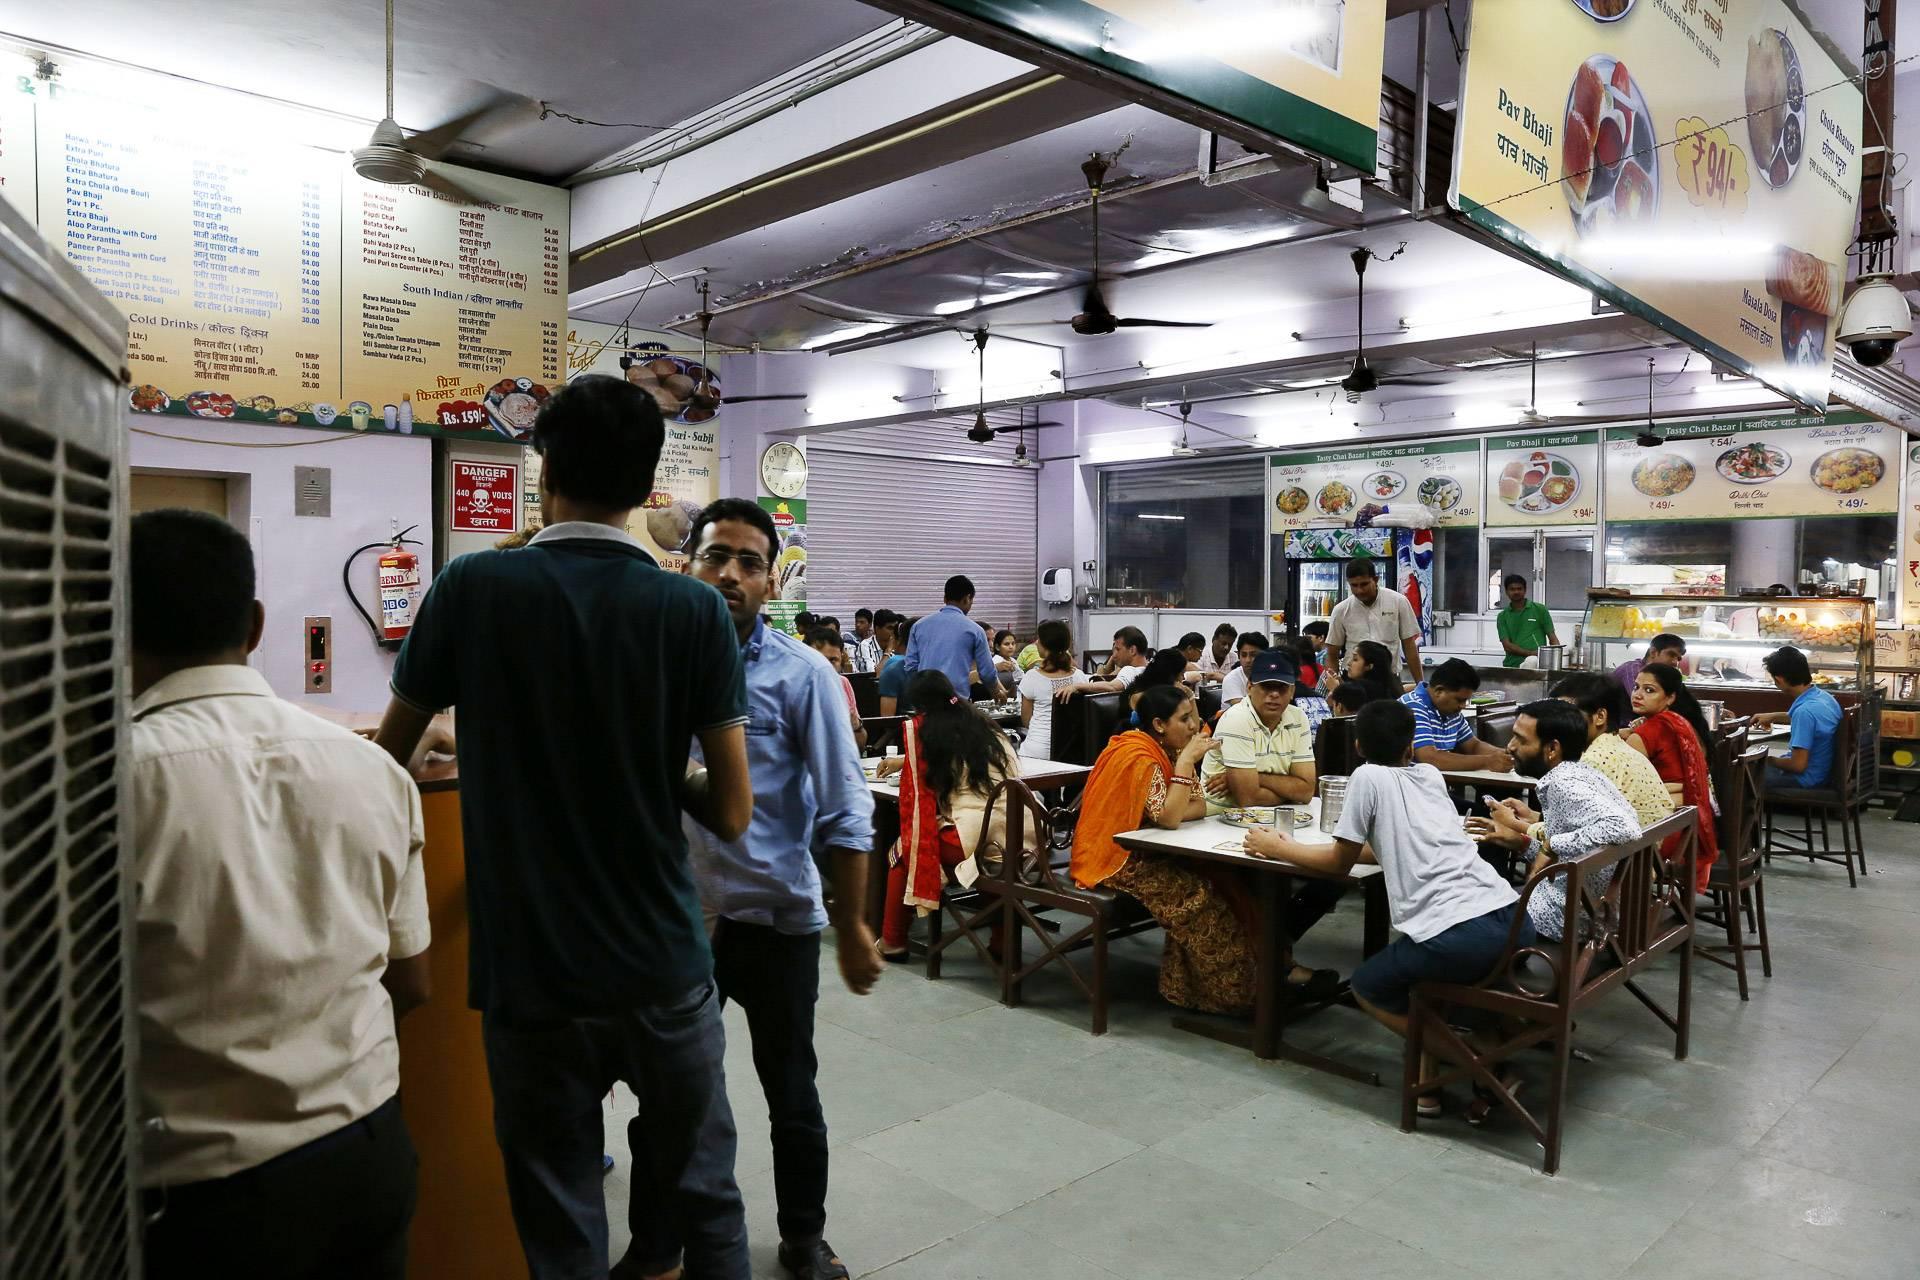 Bei vielen Restaurants erübrigt sich eigentlich die Frage, ob man nach dem Essen noch gemütlich sitzen bleiben möchte.